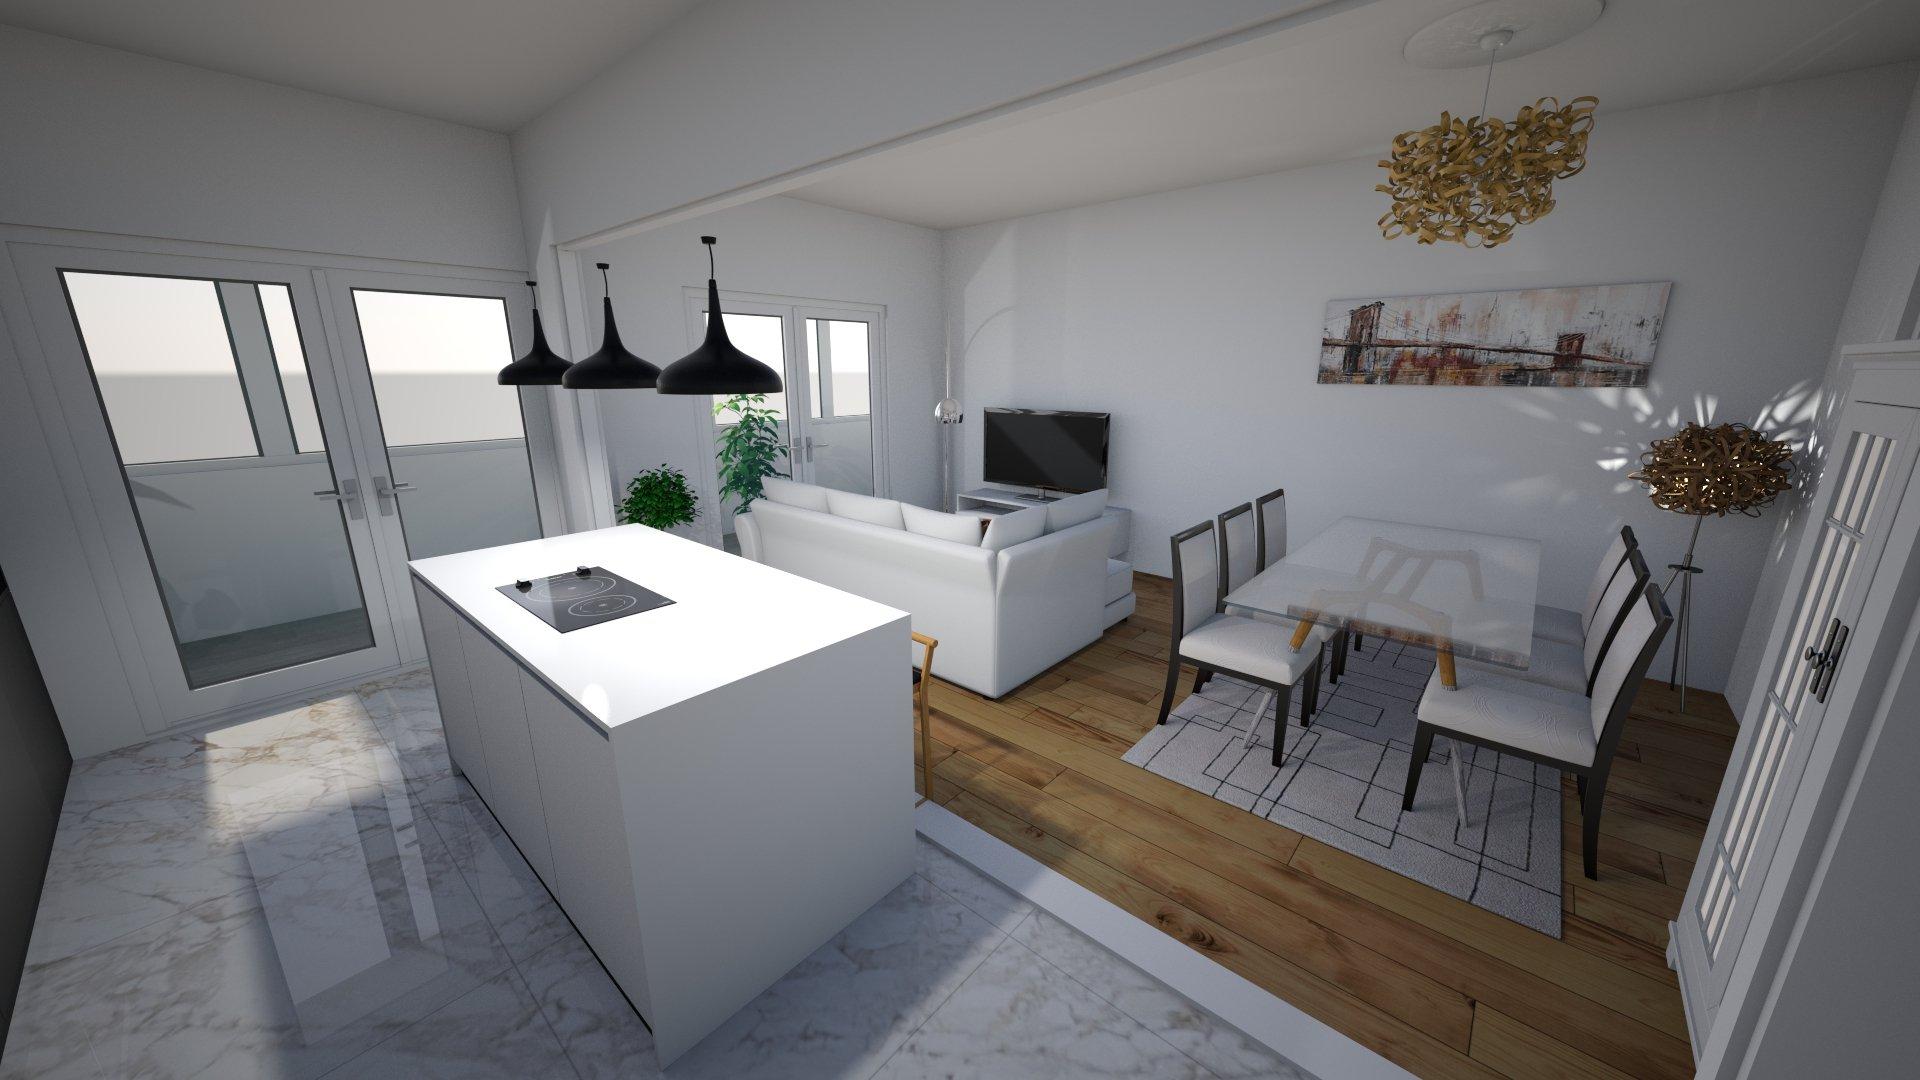 T4 - Sala e cozinha 1.0